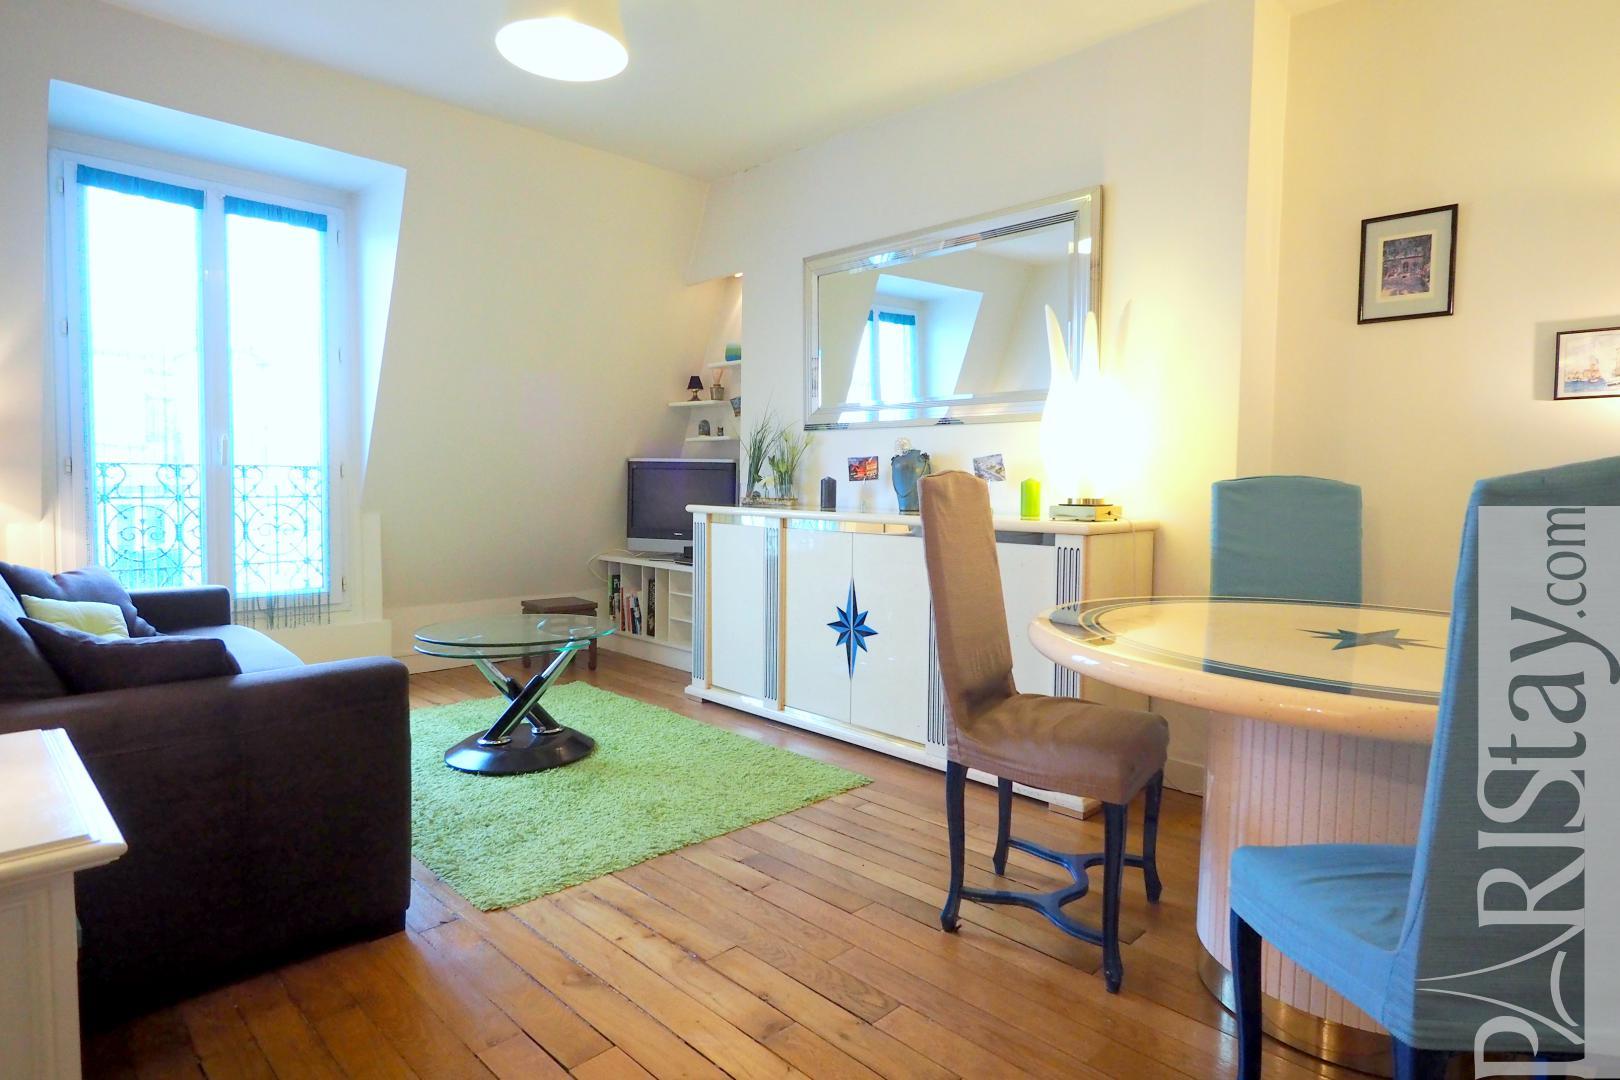 Location Meuble Appartement Montmartre T2 75018 Paris hdtCsxQr